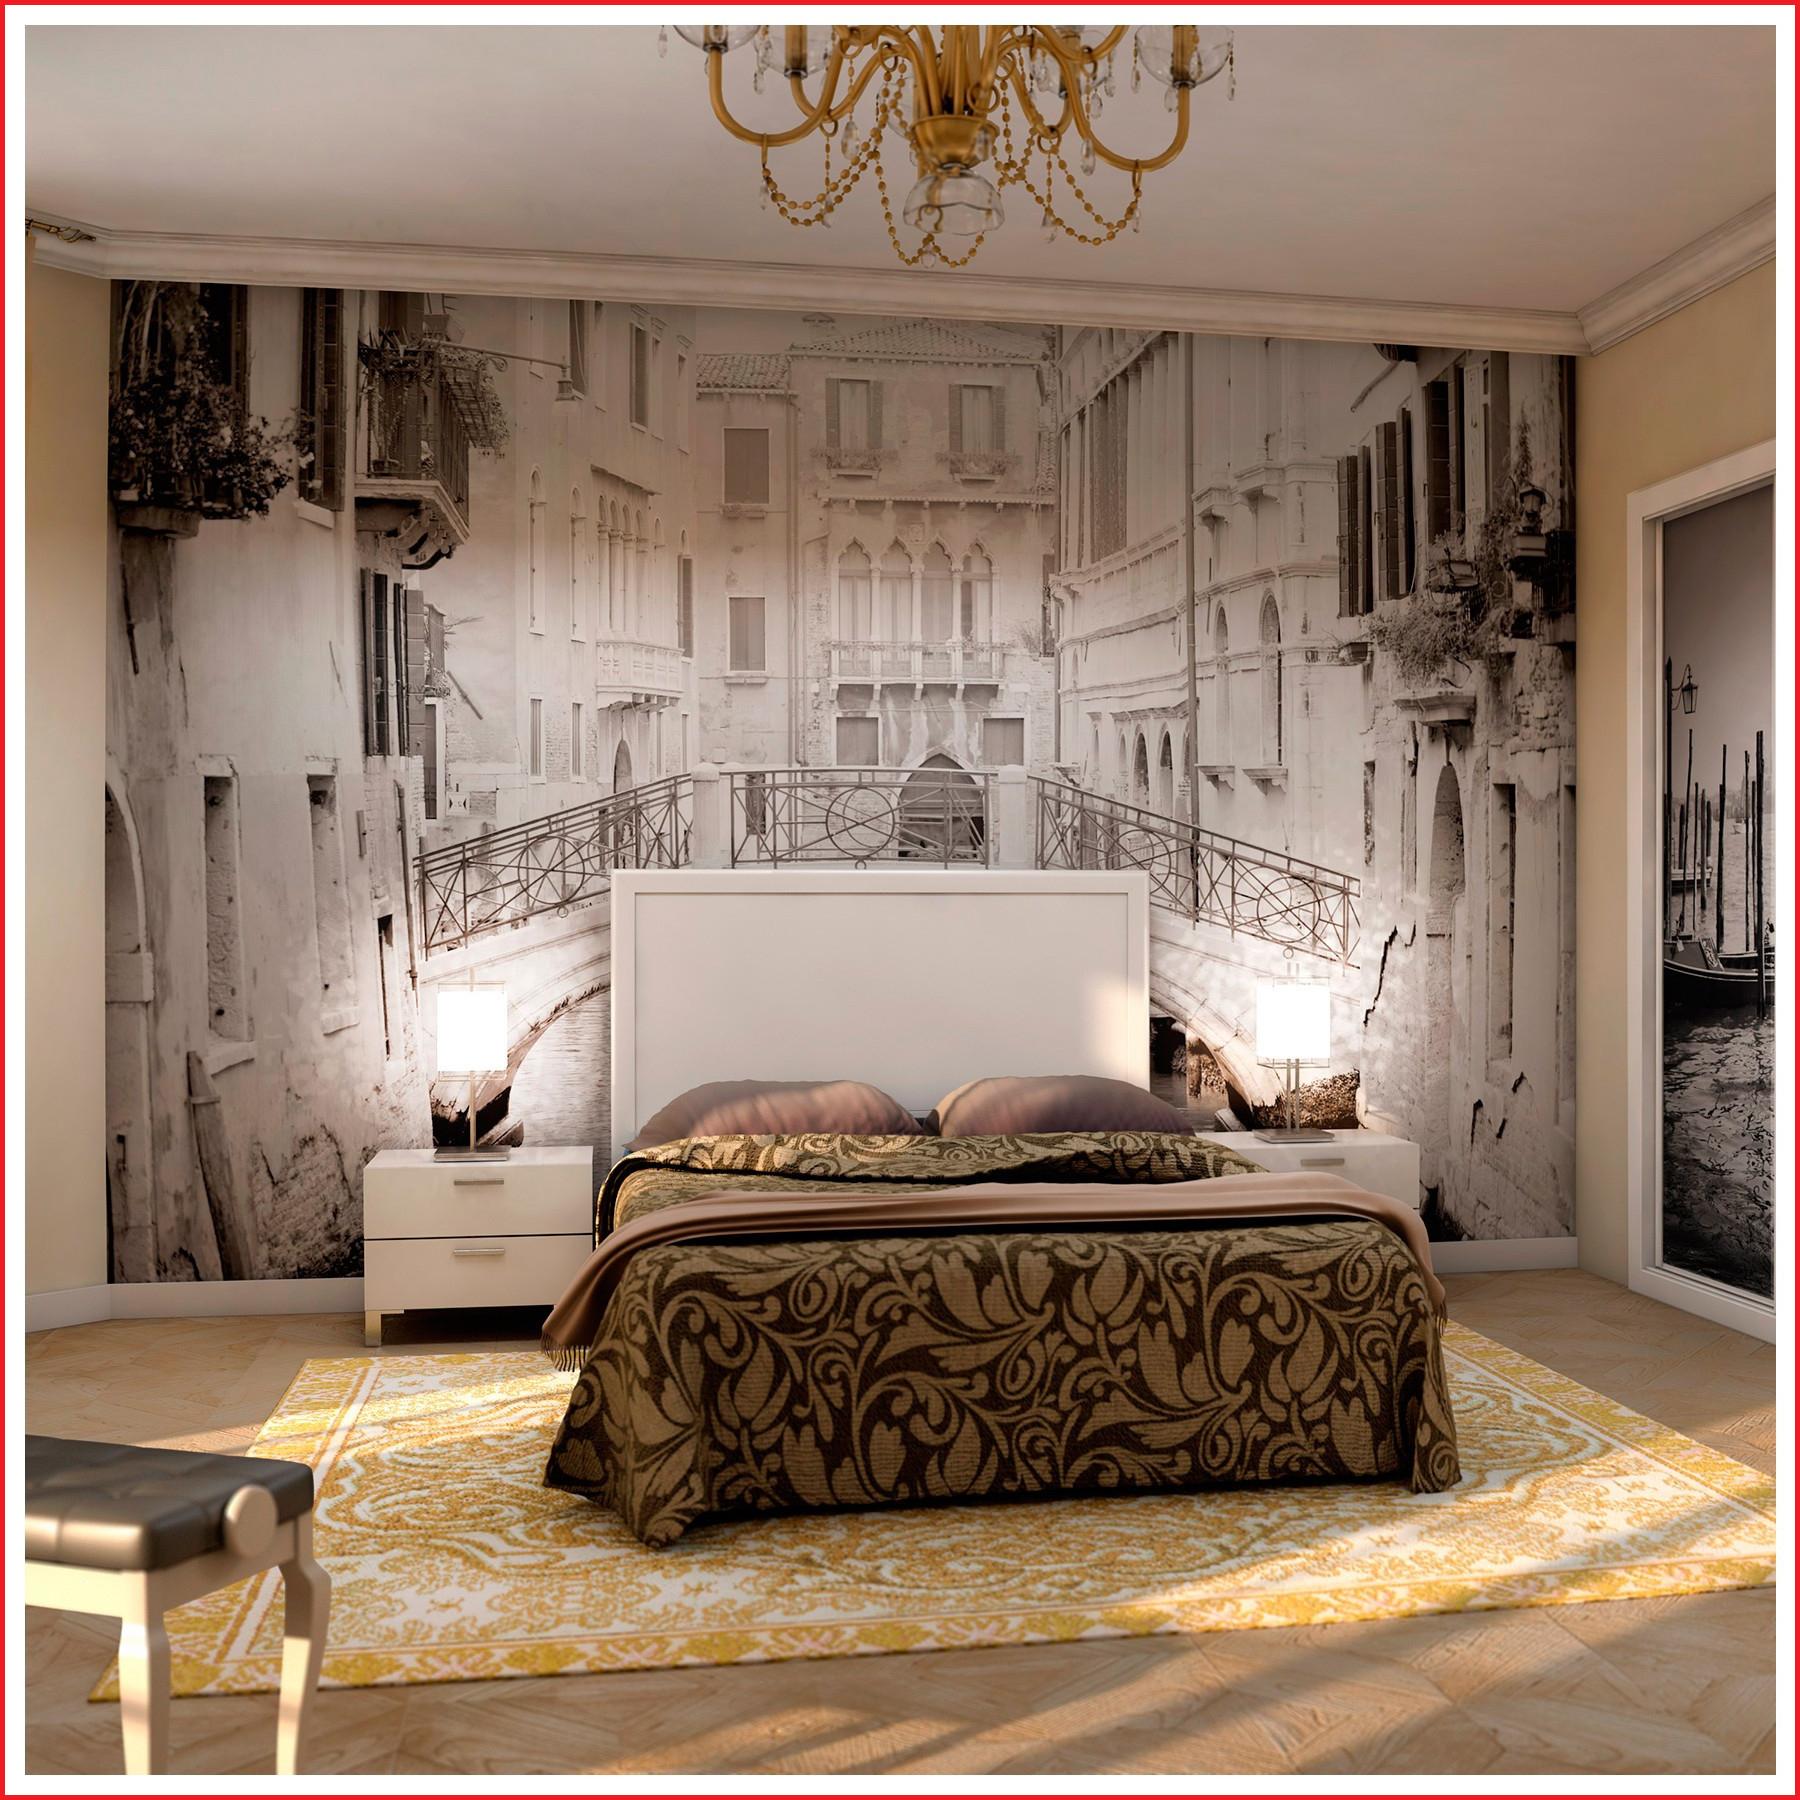 Sofa Cama De Diseño Y7du sofas Diseà O Moderno Diseà O En Decorar Sus Entrada Diseno Interior